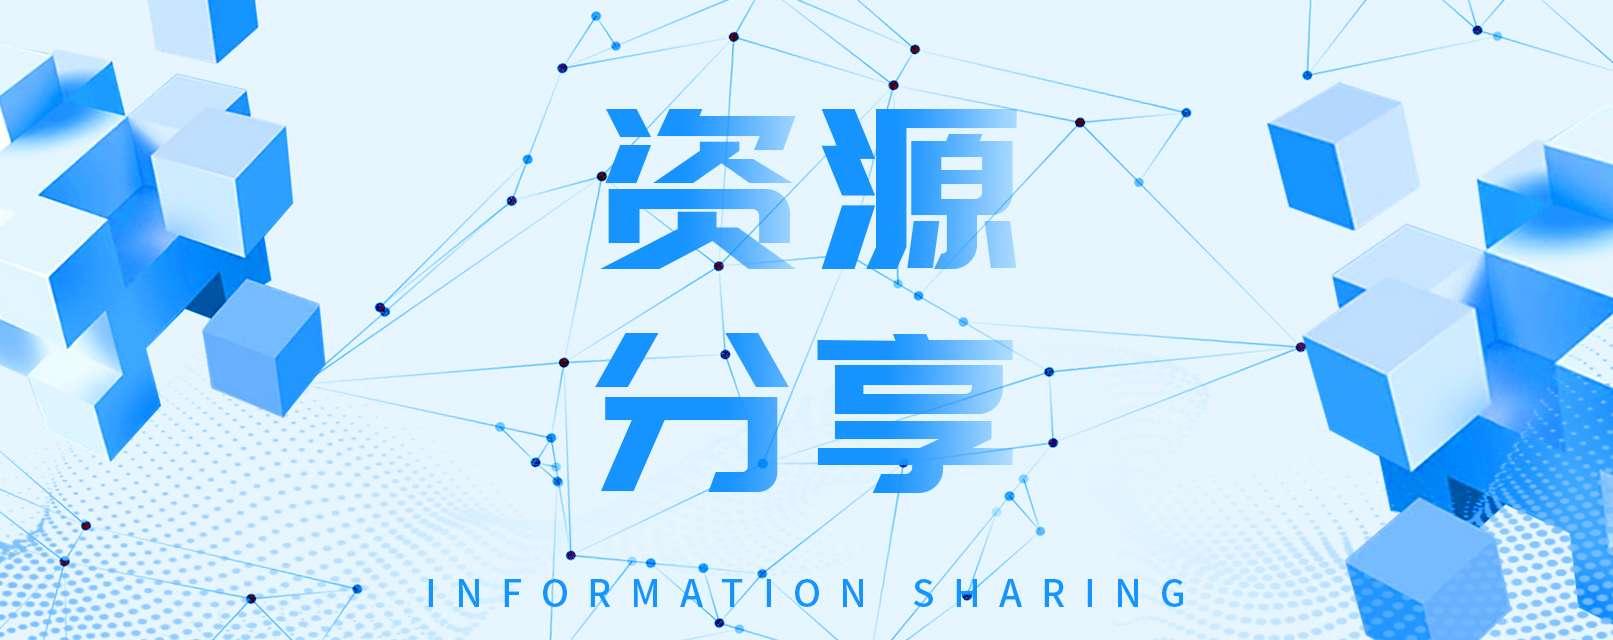 【资源分享】QQ安全中心 6.9.15版本 用心守护您的QQ